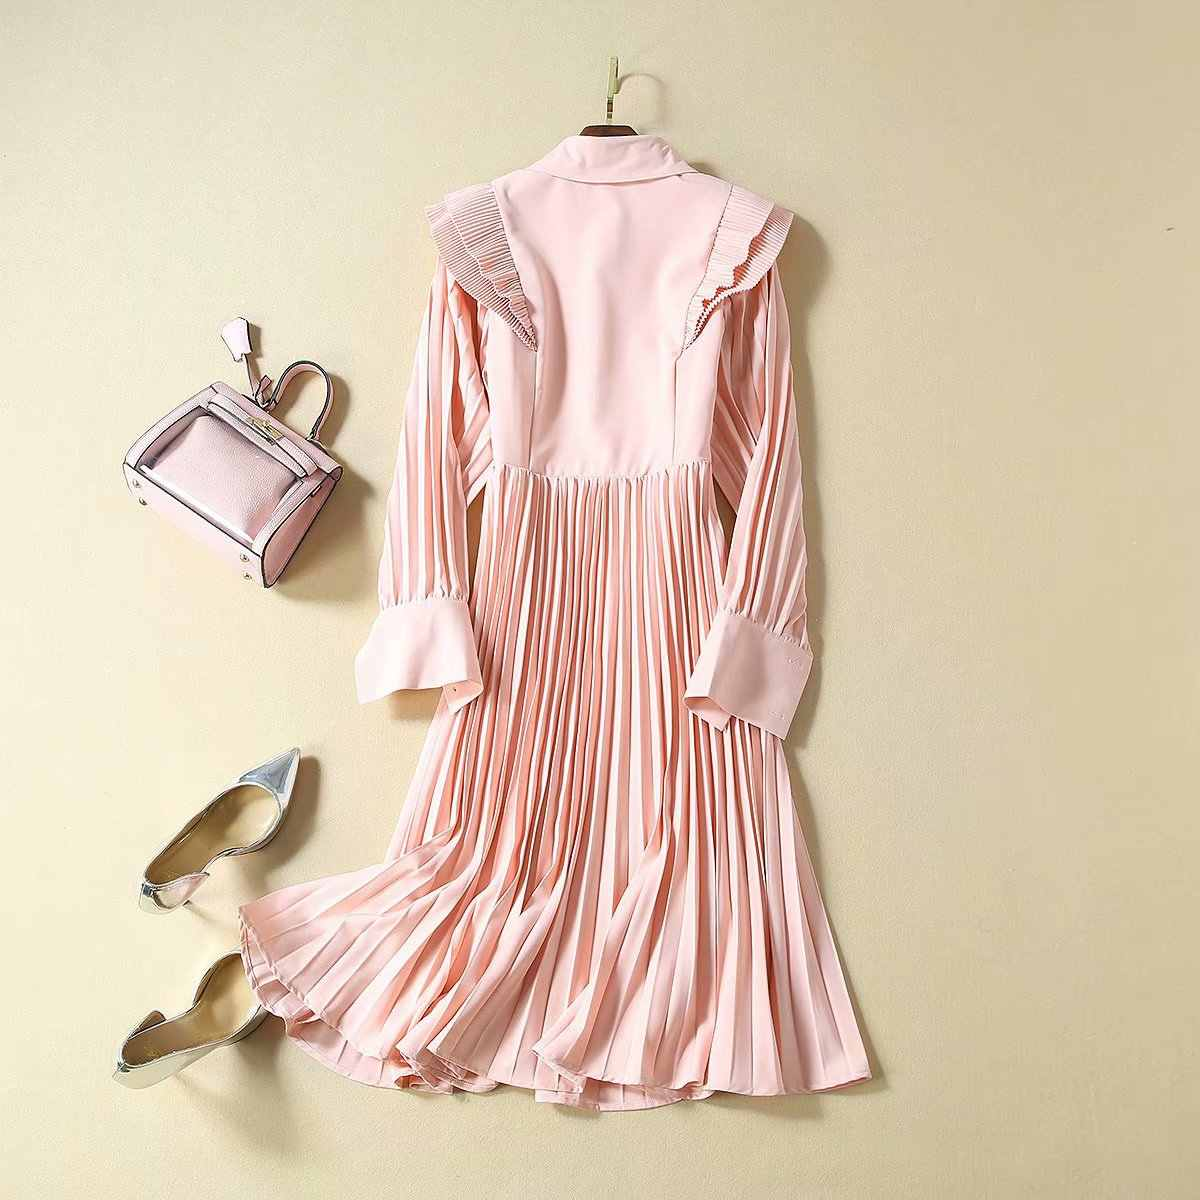 Высокое качество, Дворцовый стиль, осень 2019, импортные товары, женское Новое плиссированное платье с вышивкой и оборками, с длинным рукавом, S-XL, розовое